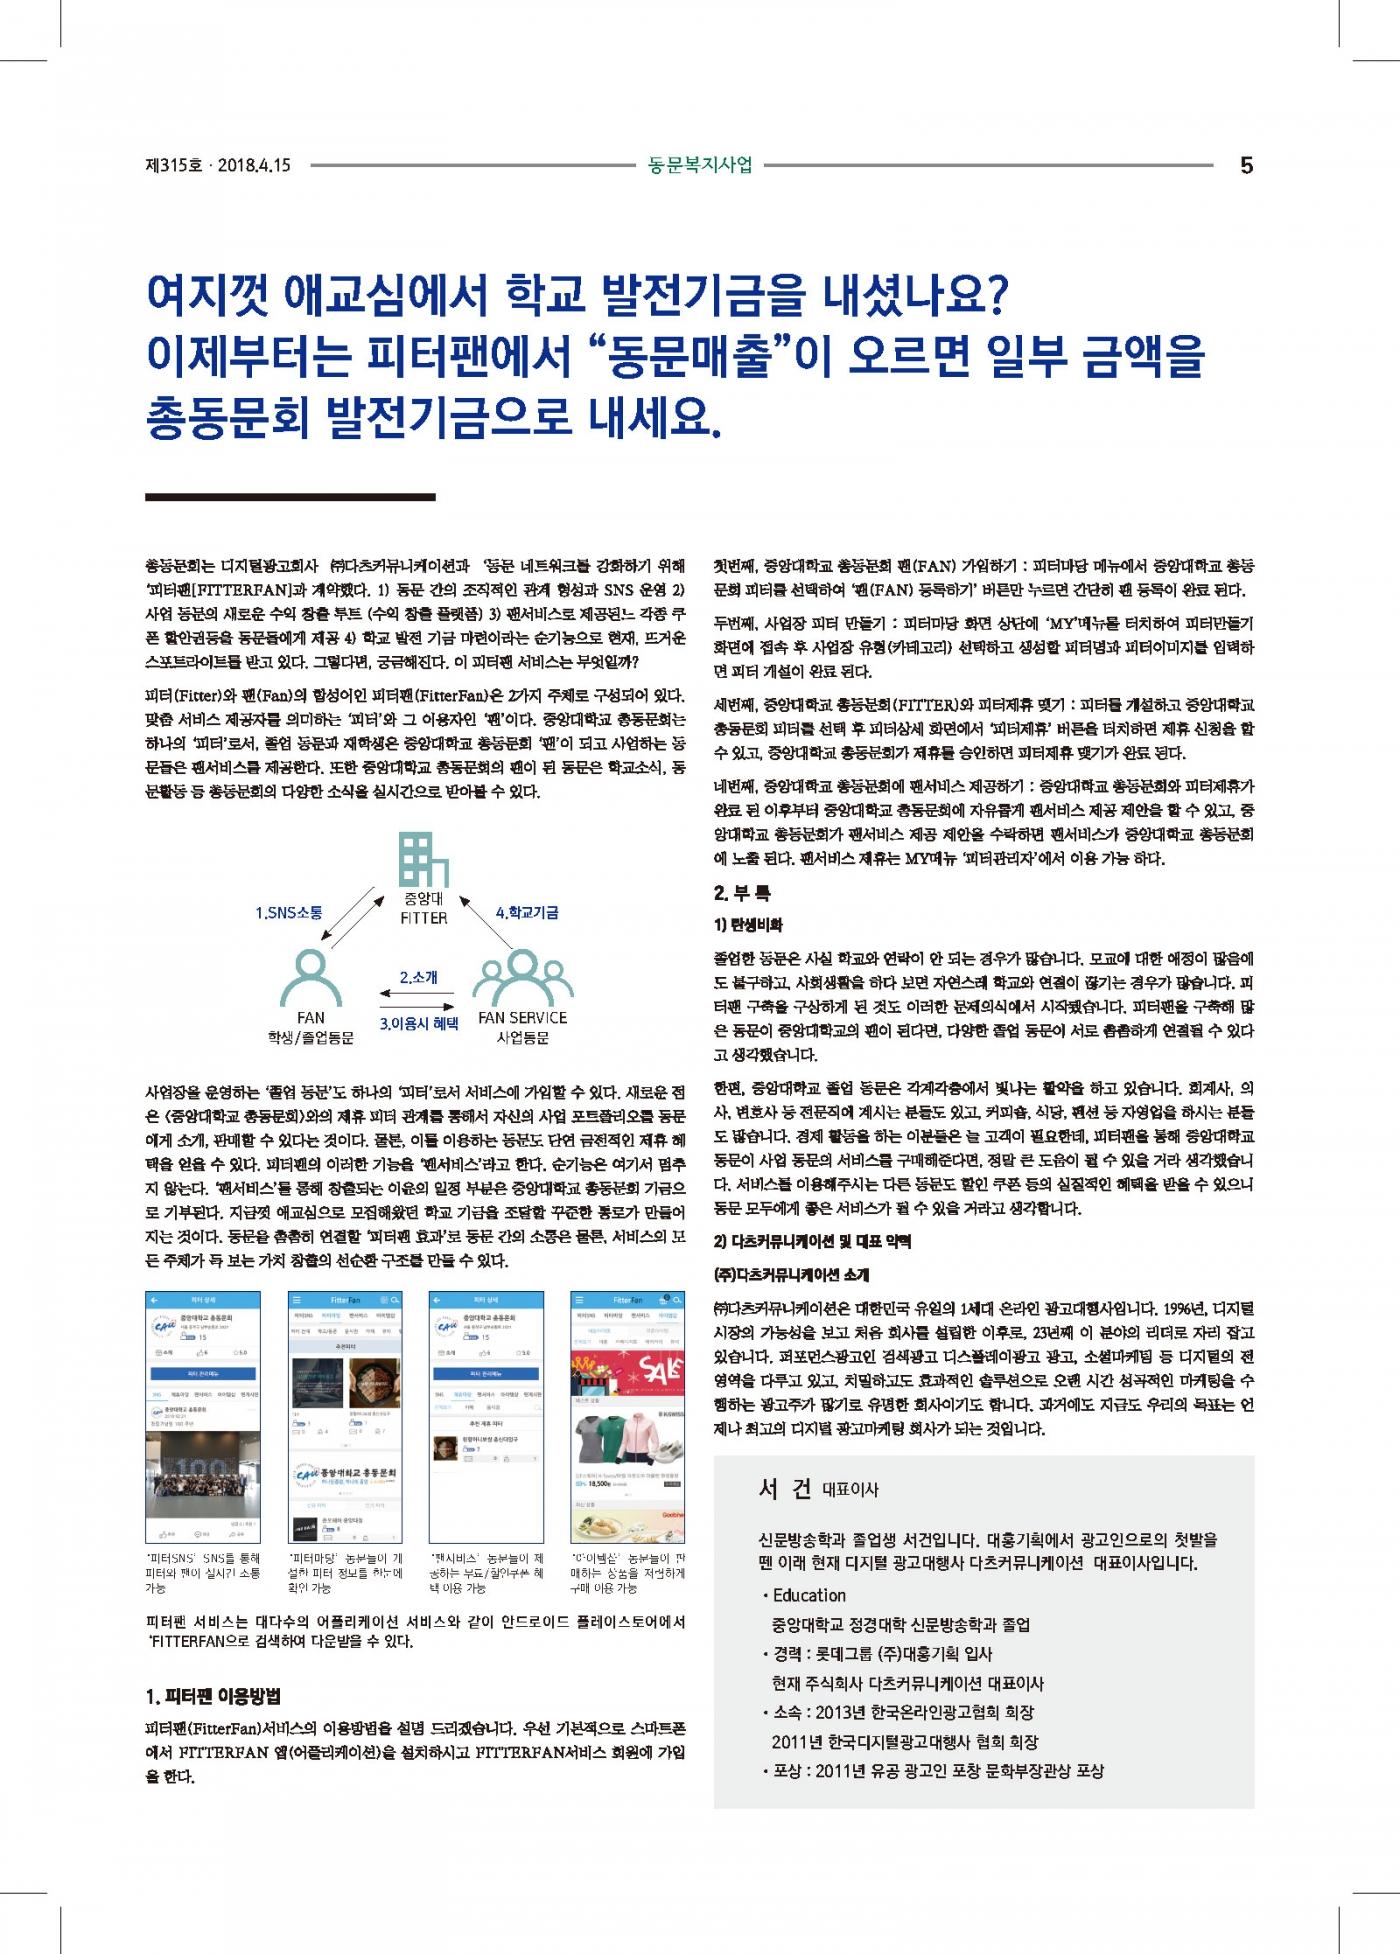 중총신문-18-4-23-인쇄OL1-5.jpg